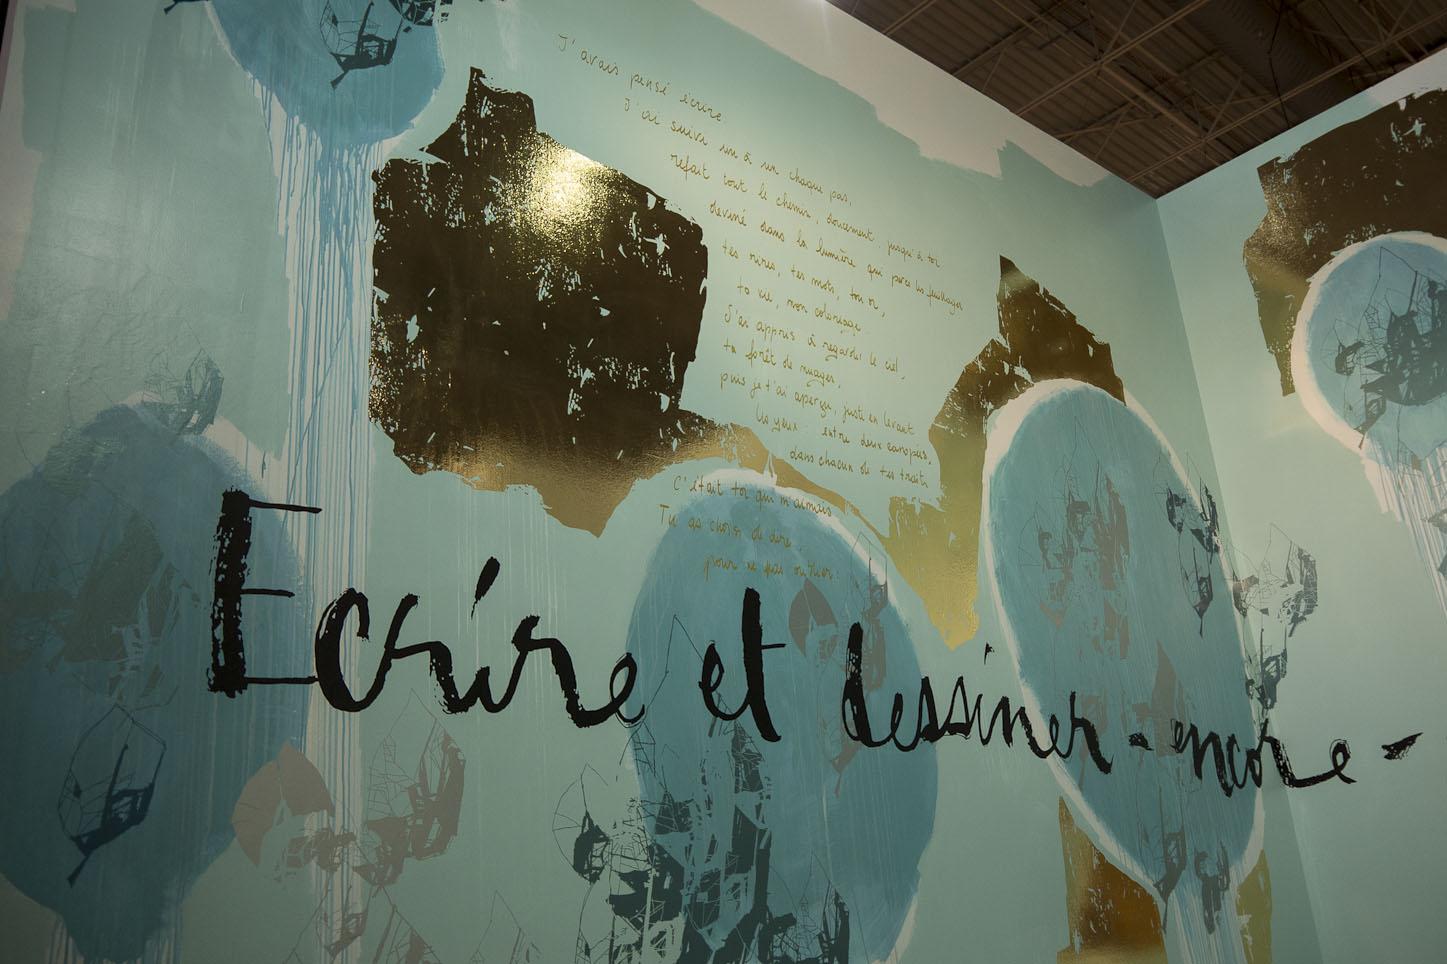 """Oeuvre monumentale... L'hymne graphique à l'expression libre par les """"Poetic wall design artists"""" Mel et Kio Un jeu de matières, entre peinture, feuille d'or, vinyle et calligraphie direct sur le mur"""